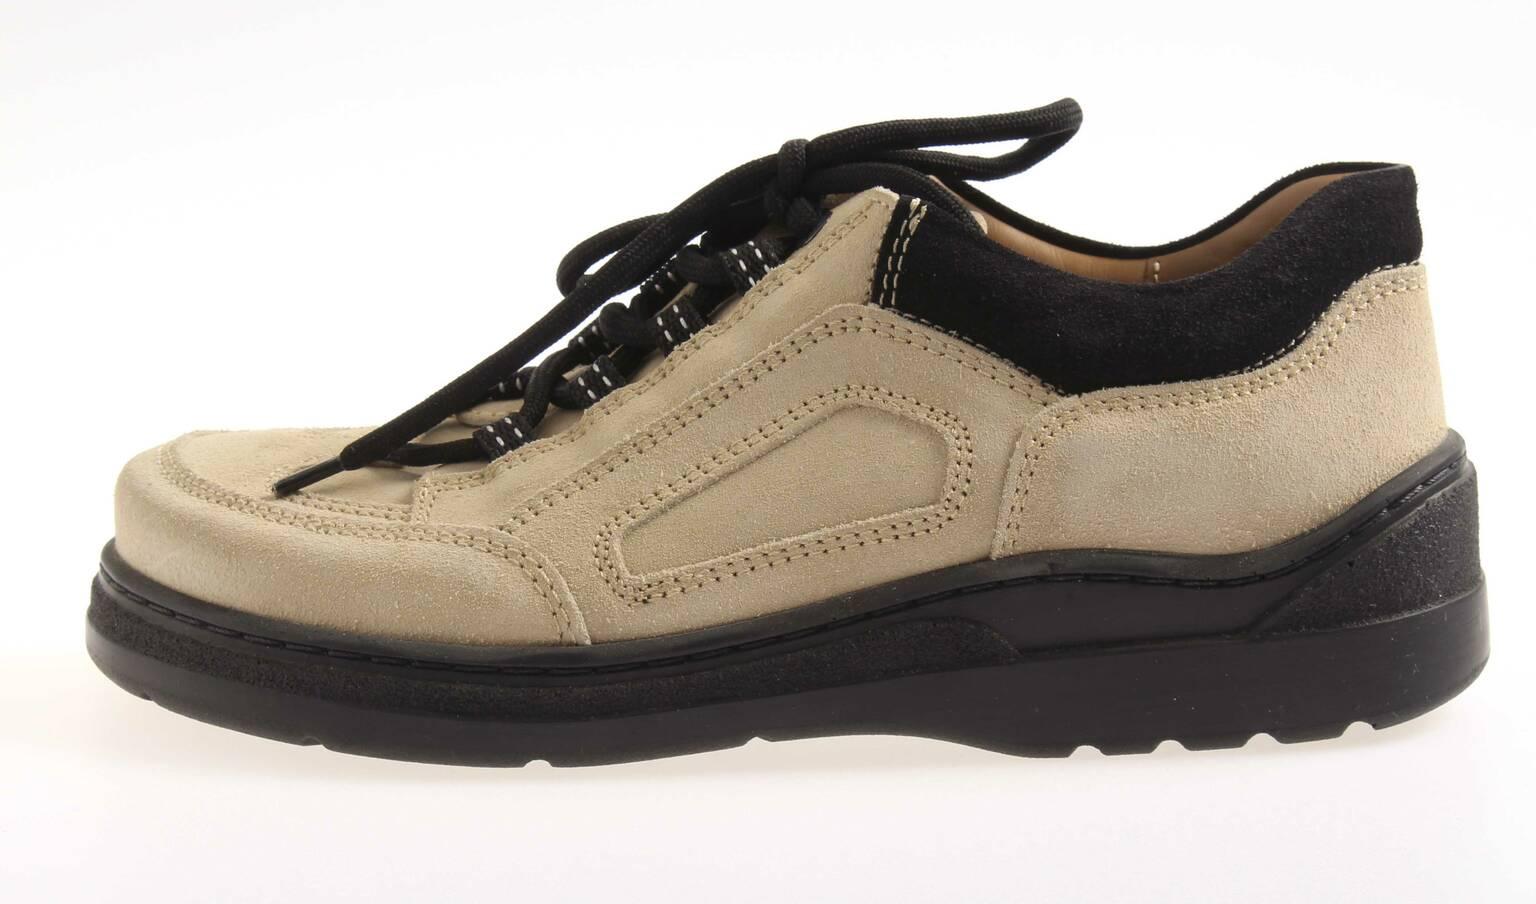 Footprints by Birkenstock Halbschuhe Bristol Leder normal Herren